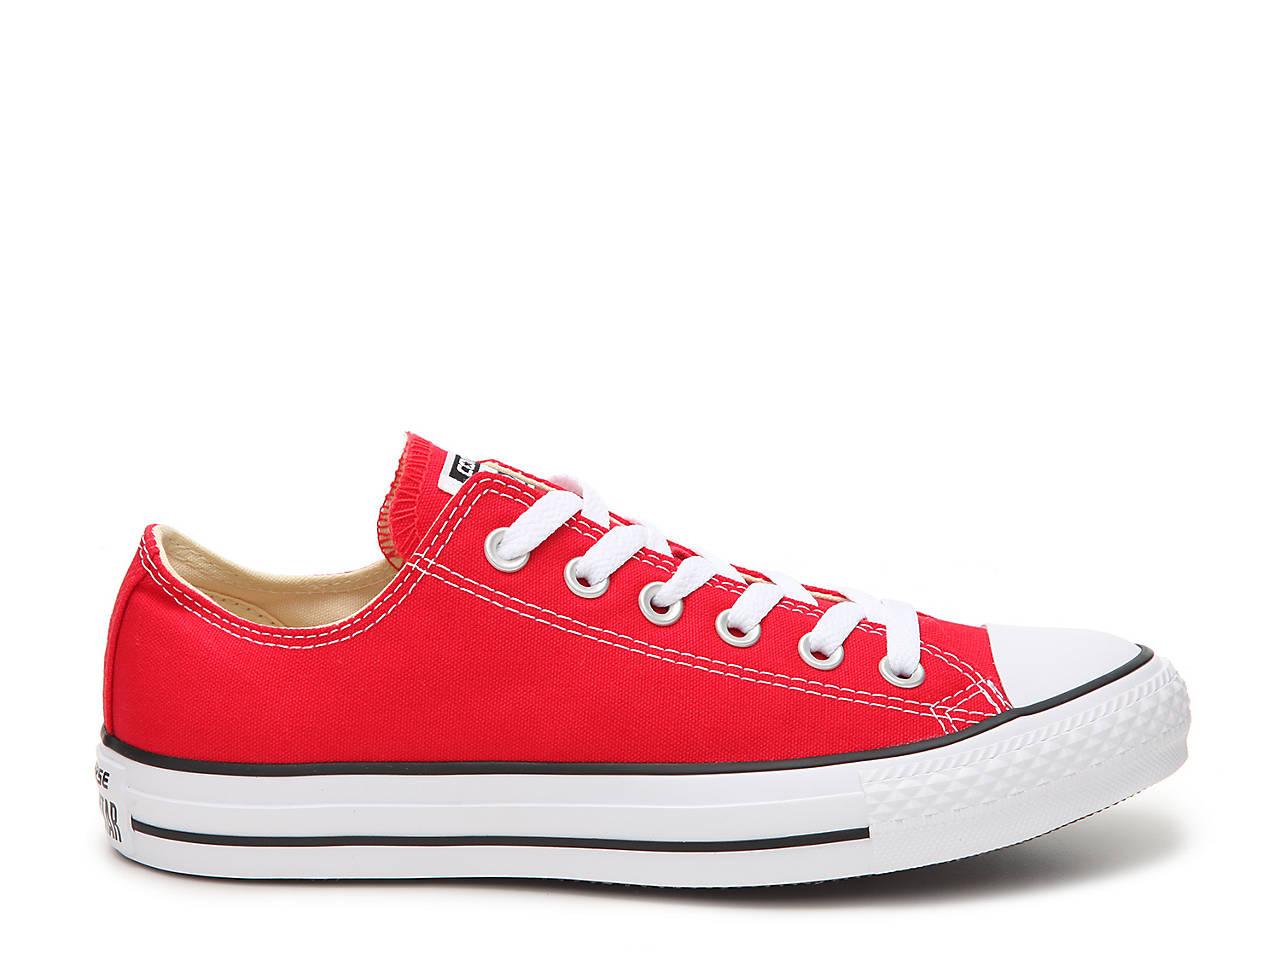 Converse Chuck Taylor All Star Sneaker Women's Women's